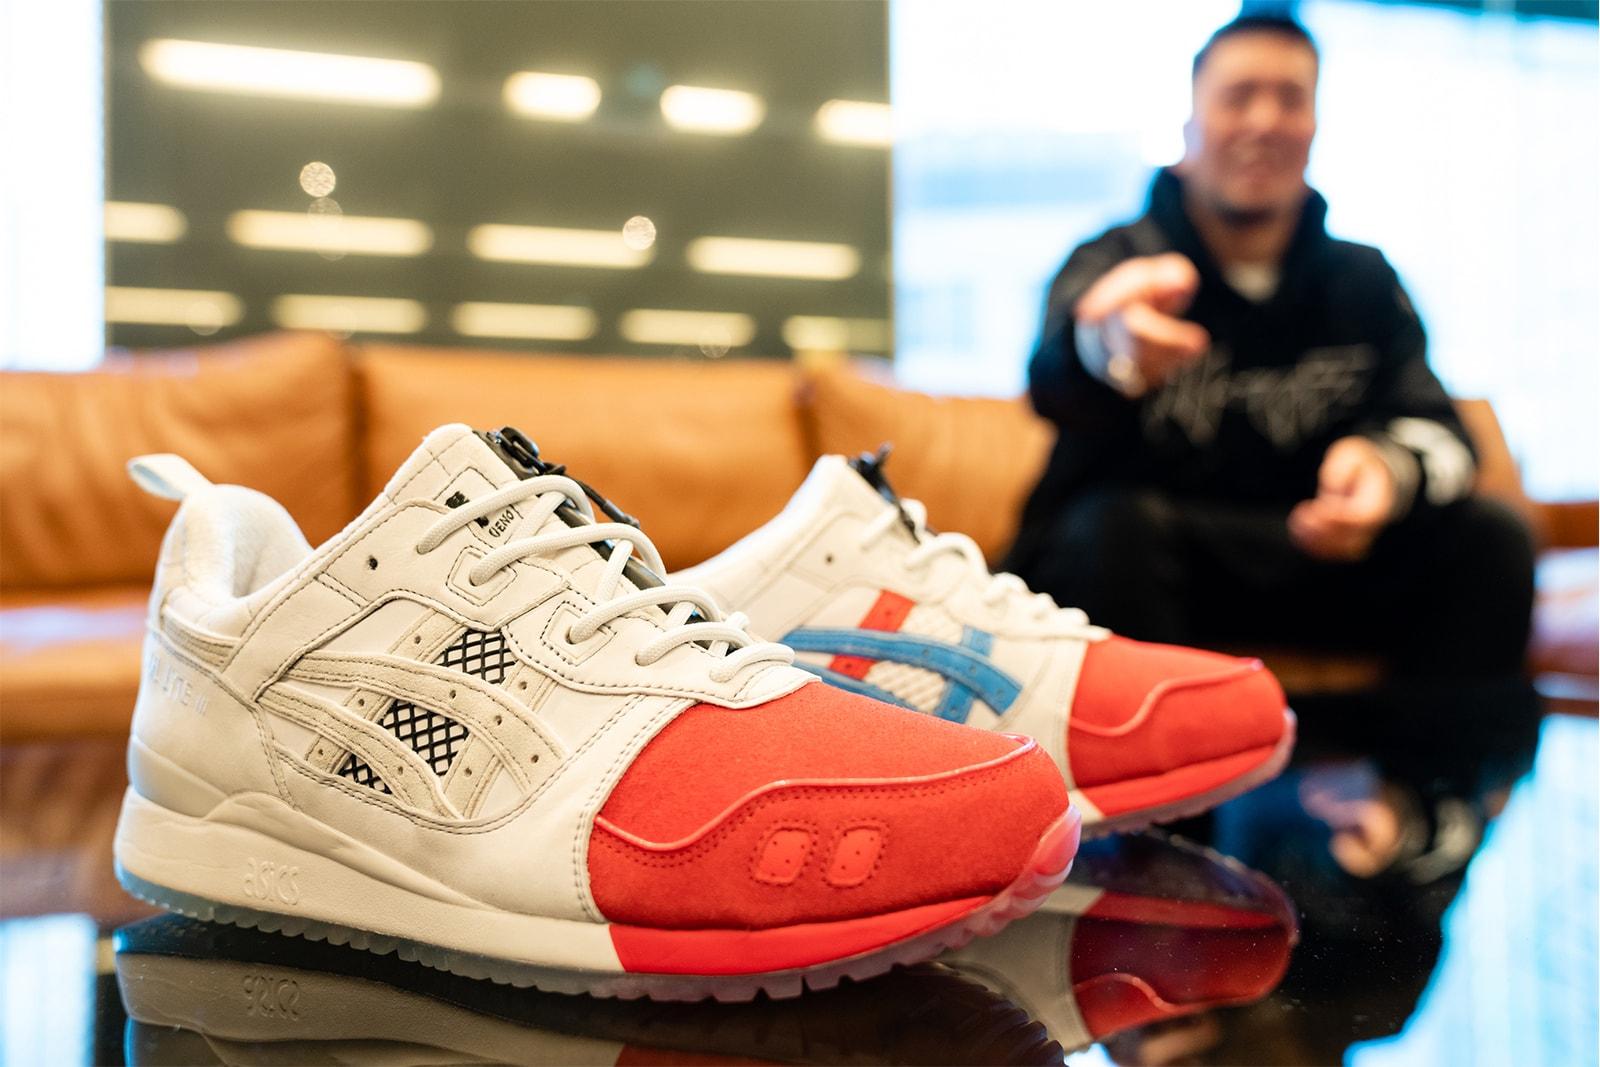 アシックス asics GEL-LYTE III  OG mita sneakers 発売30周年 記念 ミタスニーカーズ コラボモデル 発売